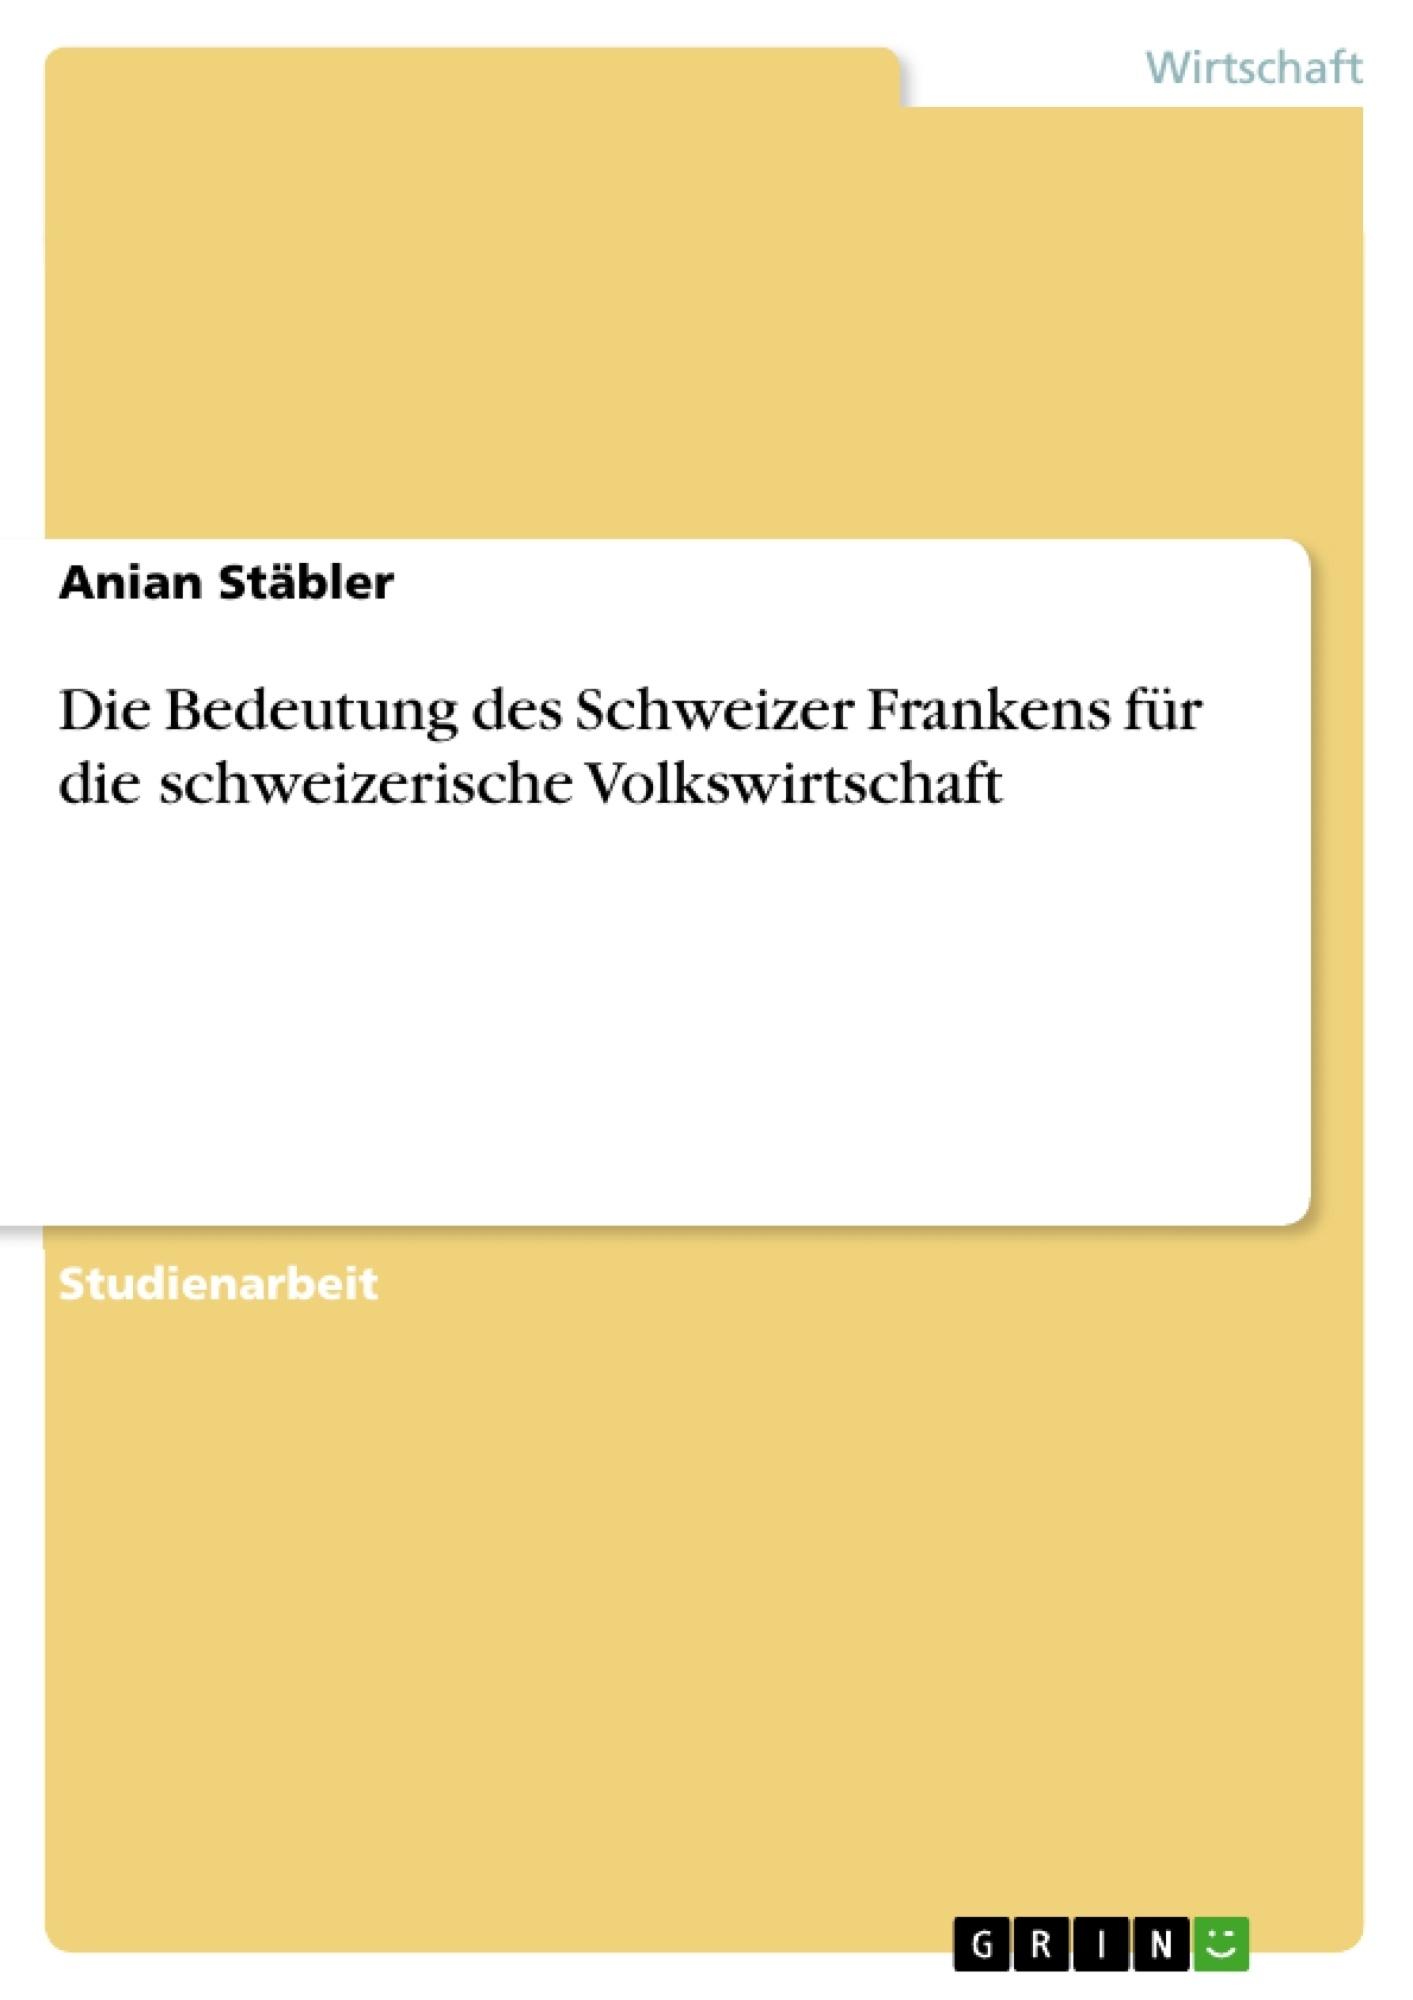 Titel: Die Bedeutung des Schweizer Frankens für die schweizerische Volkswirtschaft